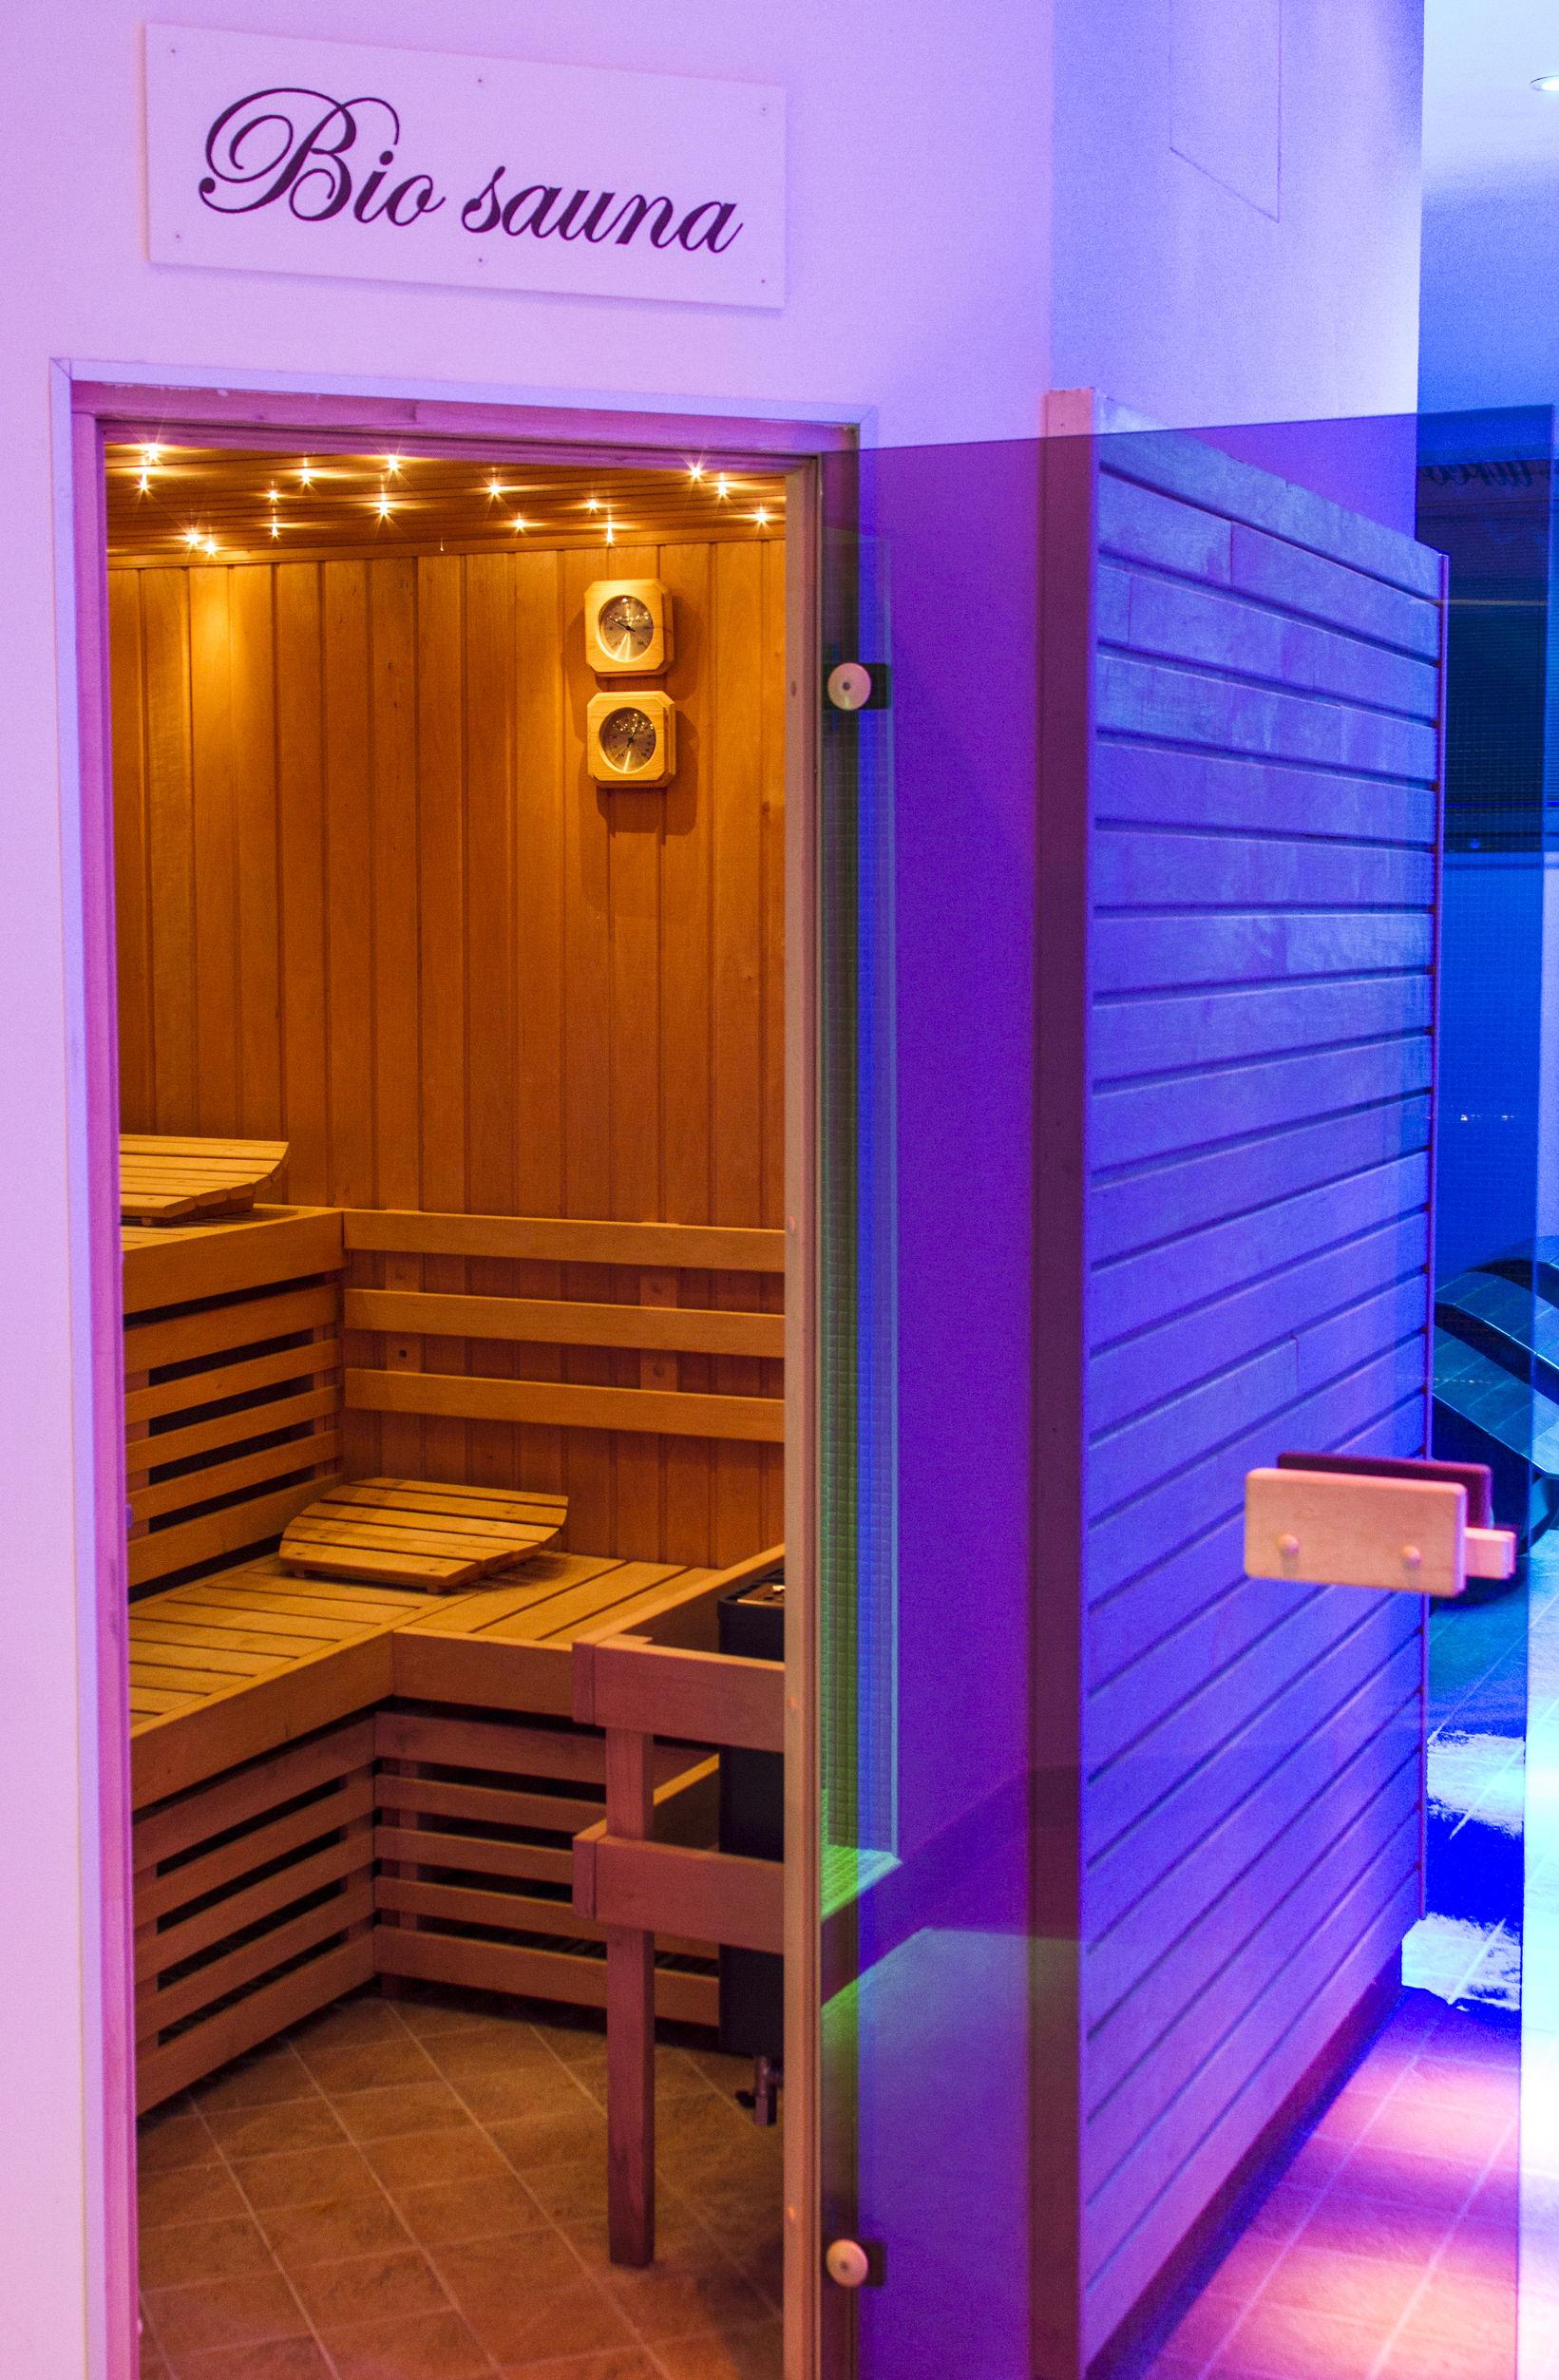 Viaggiare bene hotel Norge in Monte Bondone centro benessere